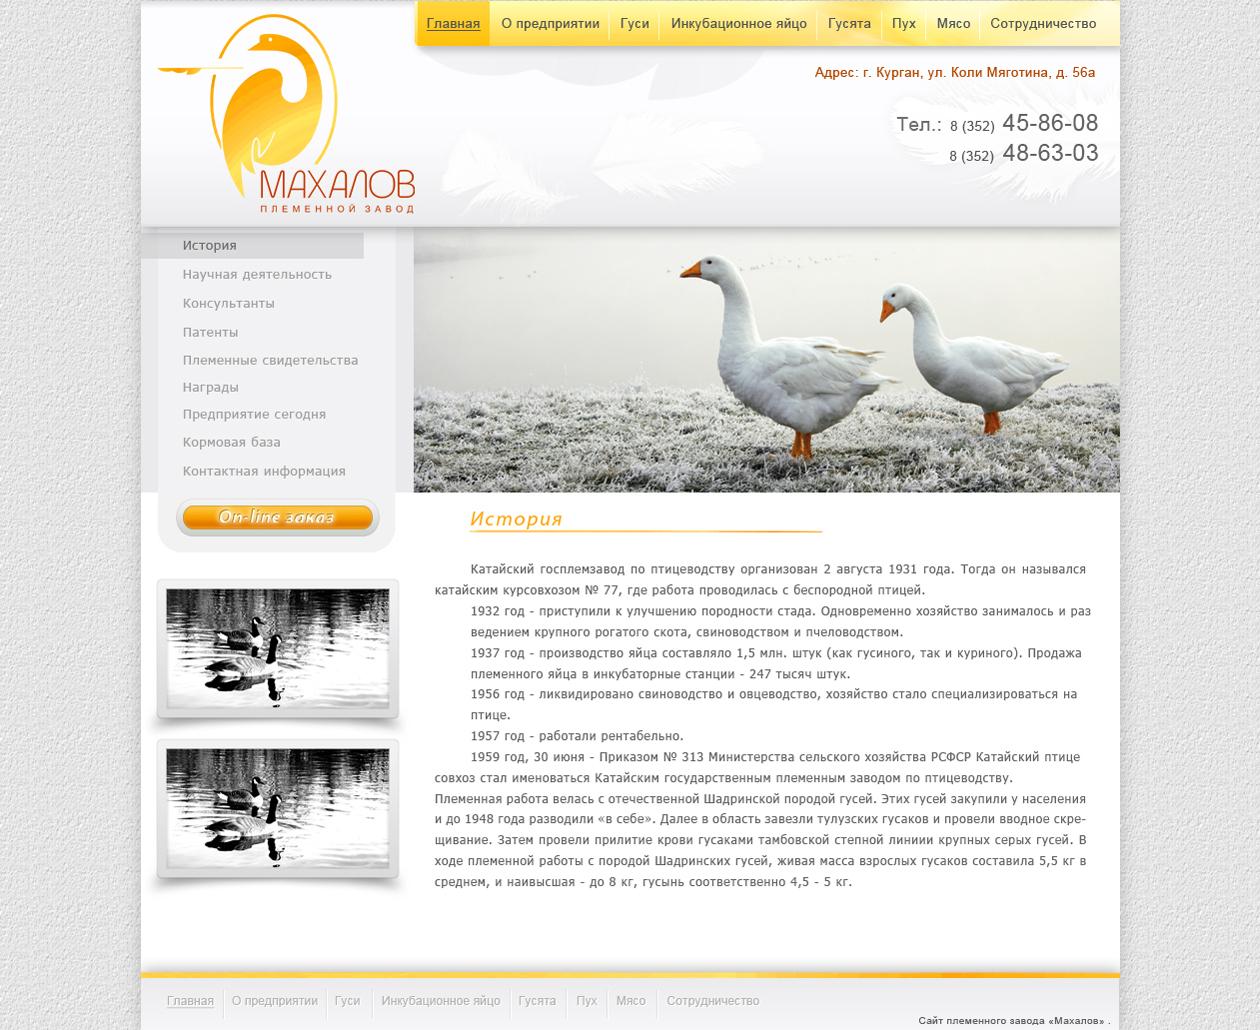 Редизайн сайта. фото f_4e8ae7524dc17.jpg